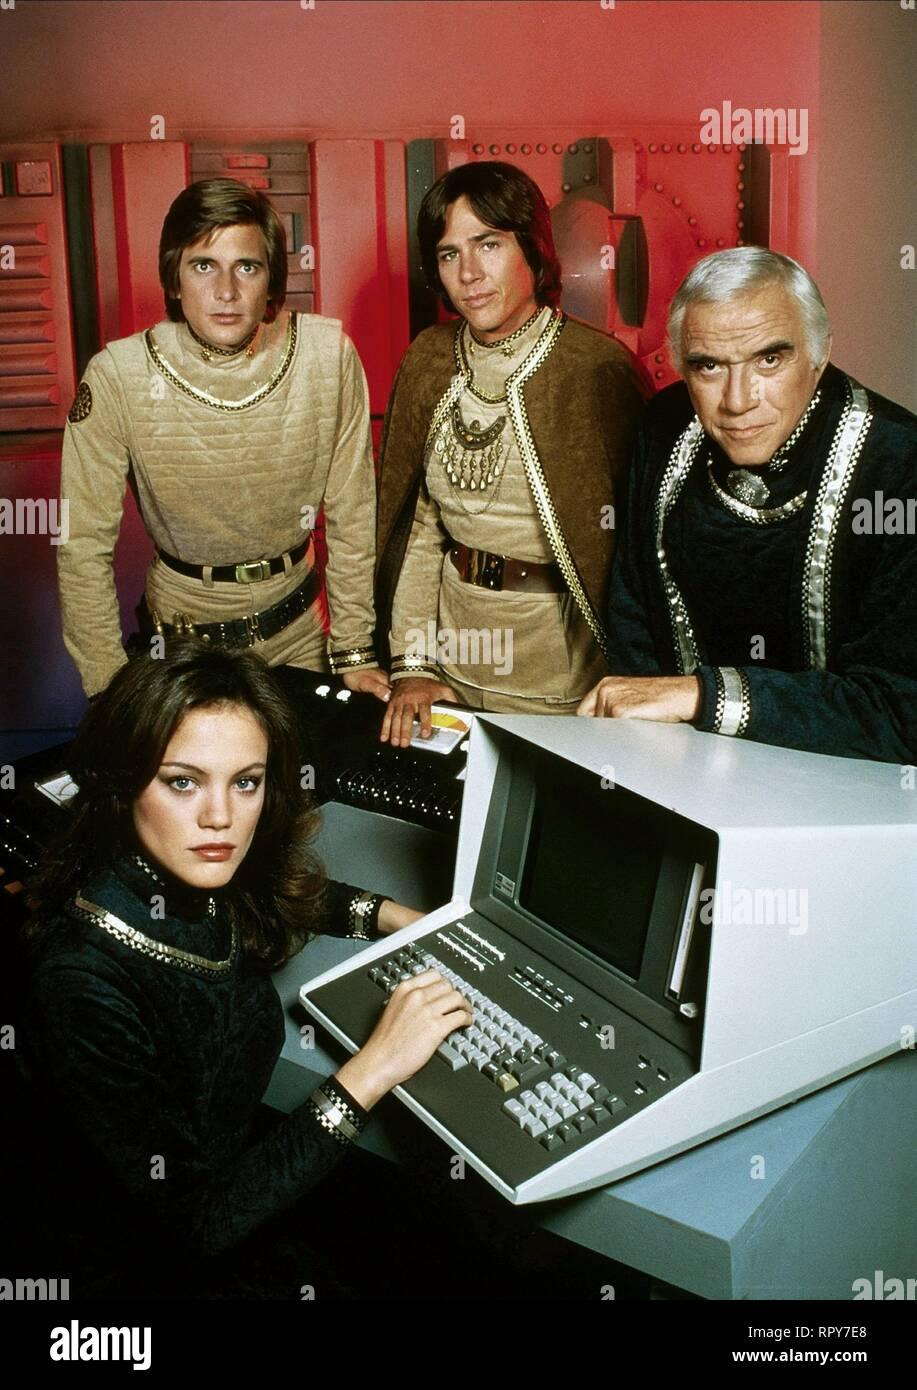 battlestar galactica 1978 season 1 episode 1